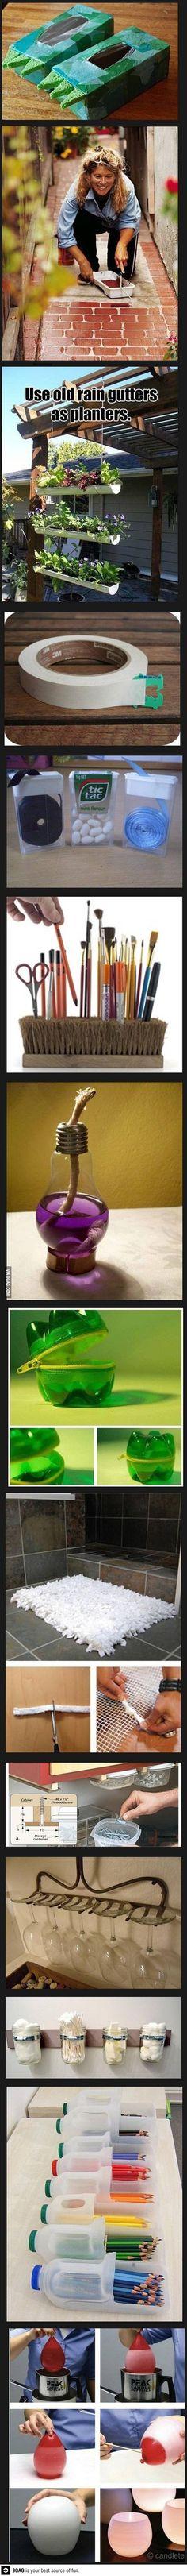 Amazing stuff!